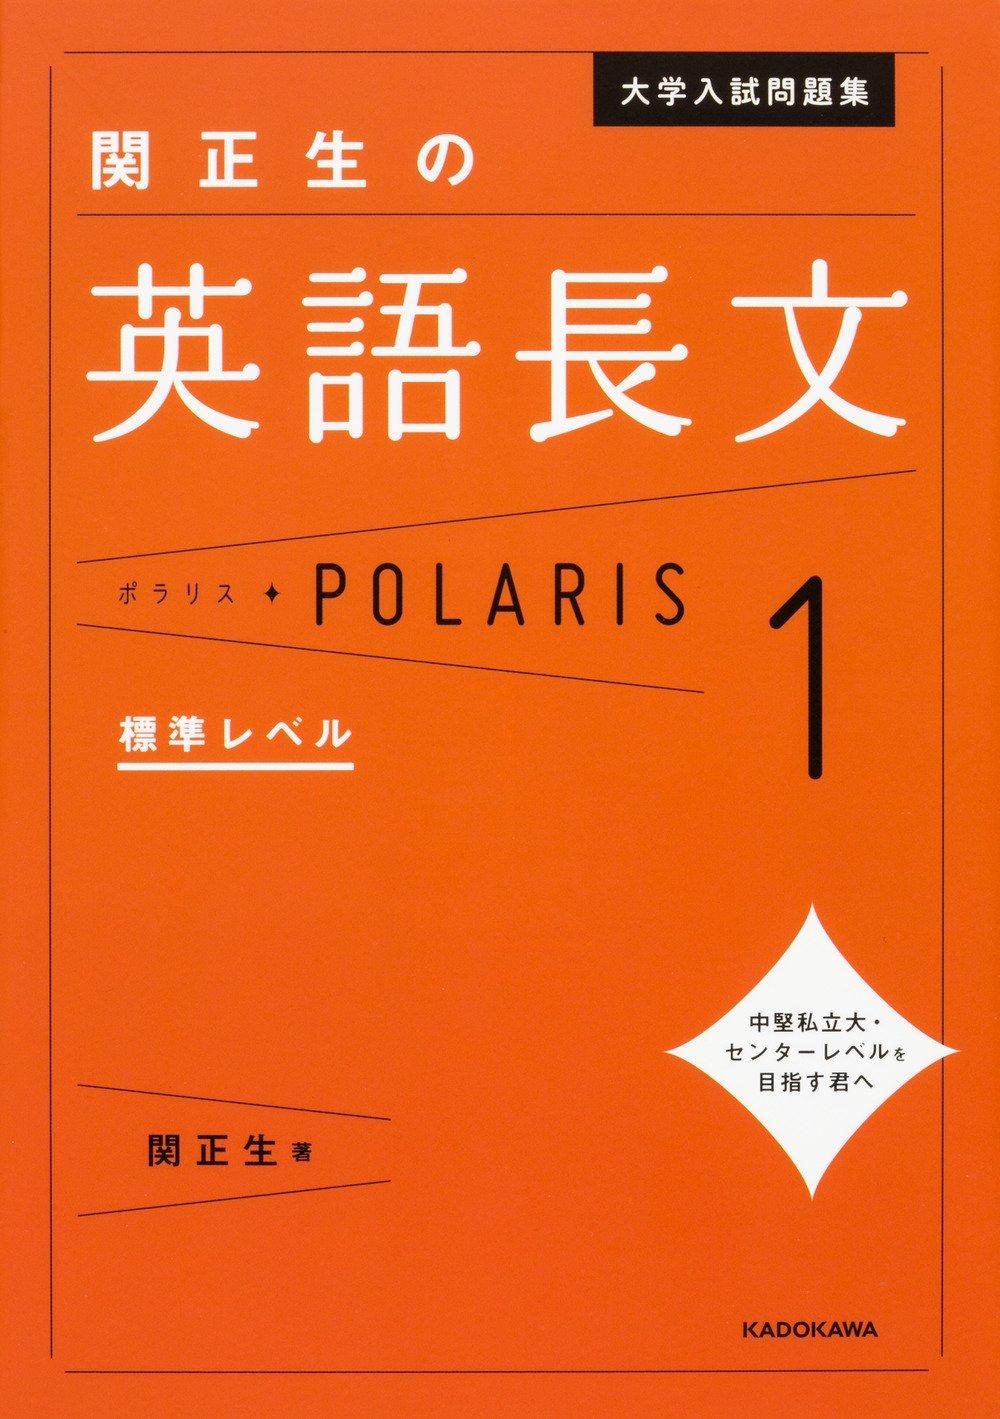 「ポラリス 英語」の画像検索結果